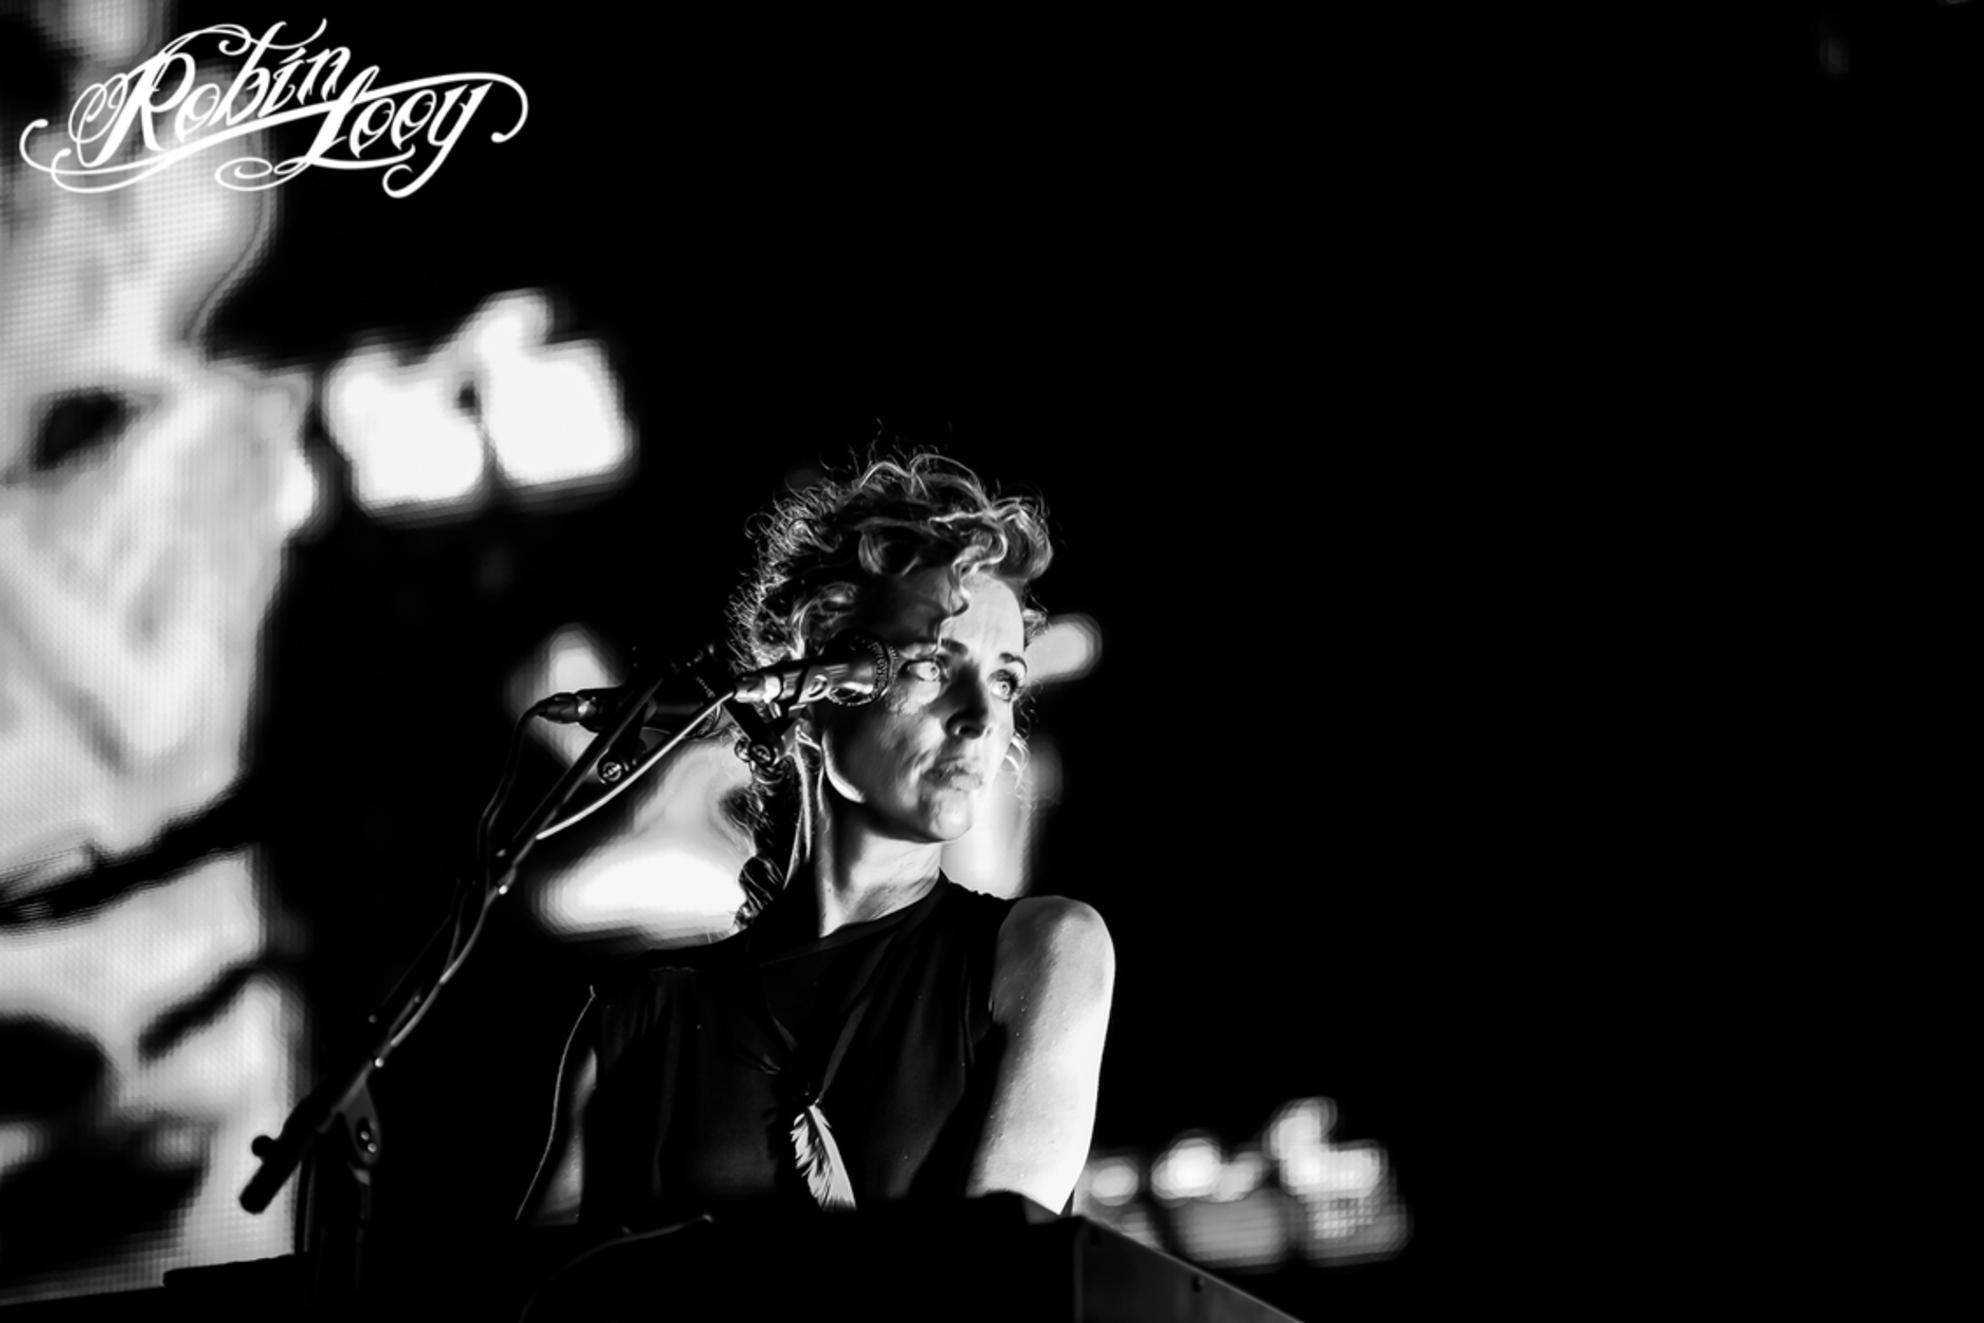 agnes obel fb-1 - Agnes Obel live op Rock Werchter 2017 - foto door robinlooy op 04-07-2017 - deze foto bevat: wit, zwart, optreden, concert, piano, show, zwartwit, zangeres, live, festival, concertfotografie, popfotograaf, popfotografie, agnes, pianiste, obel, concertfotograaf, agnes obel